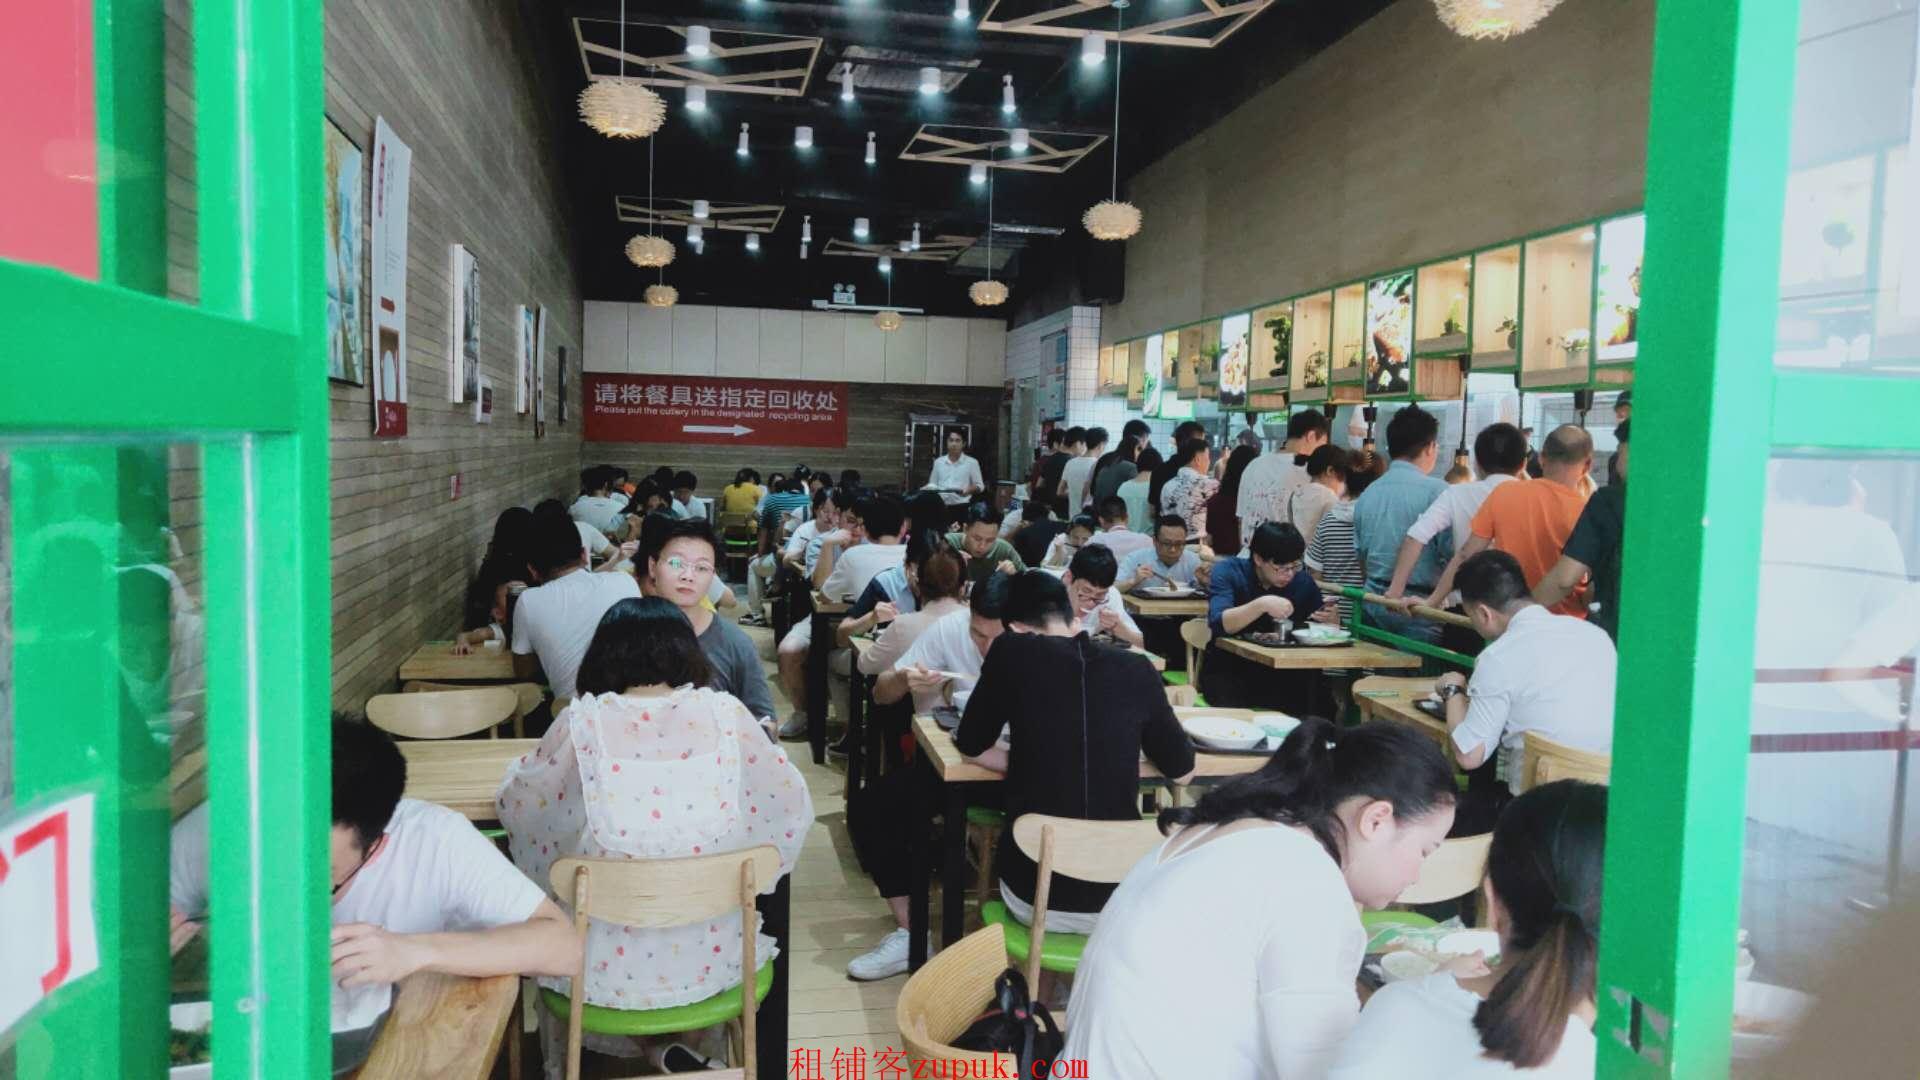 江燕路-道路,小吃店门口人超多,可各种餐饮,业态不限